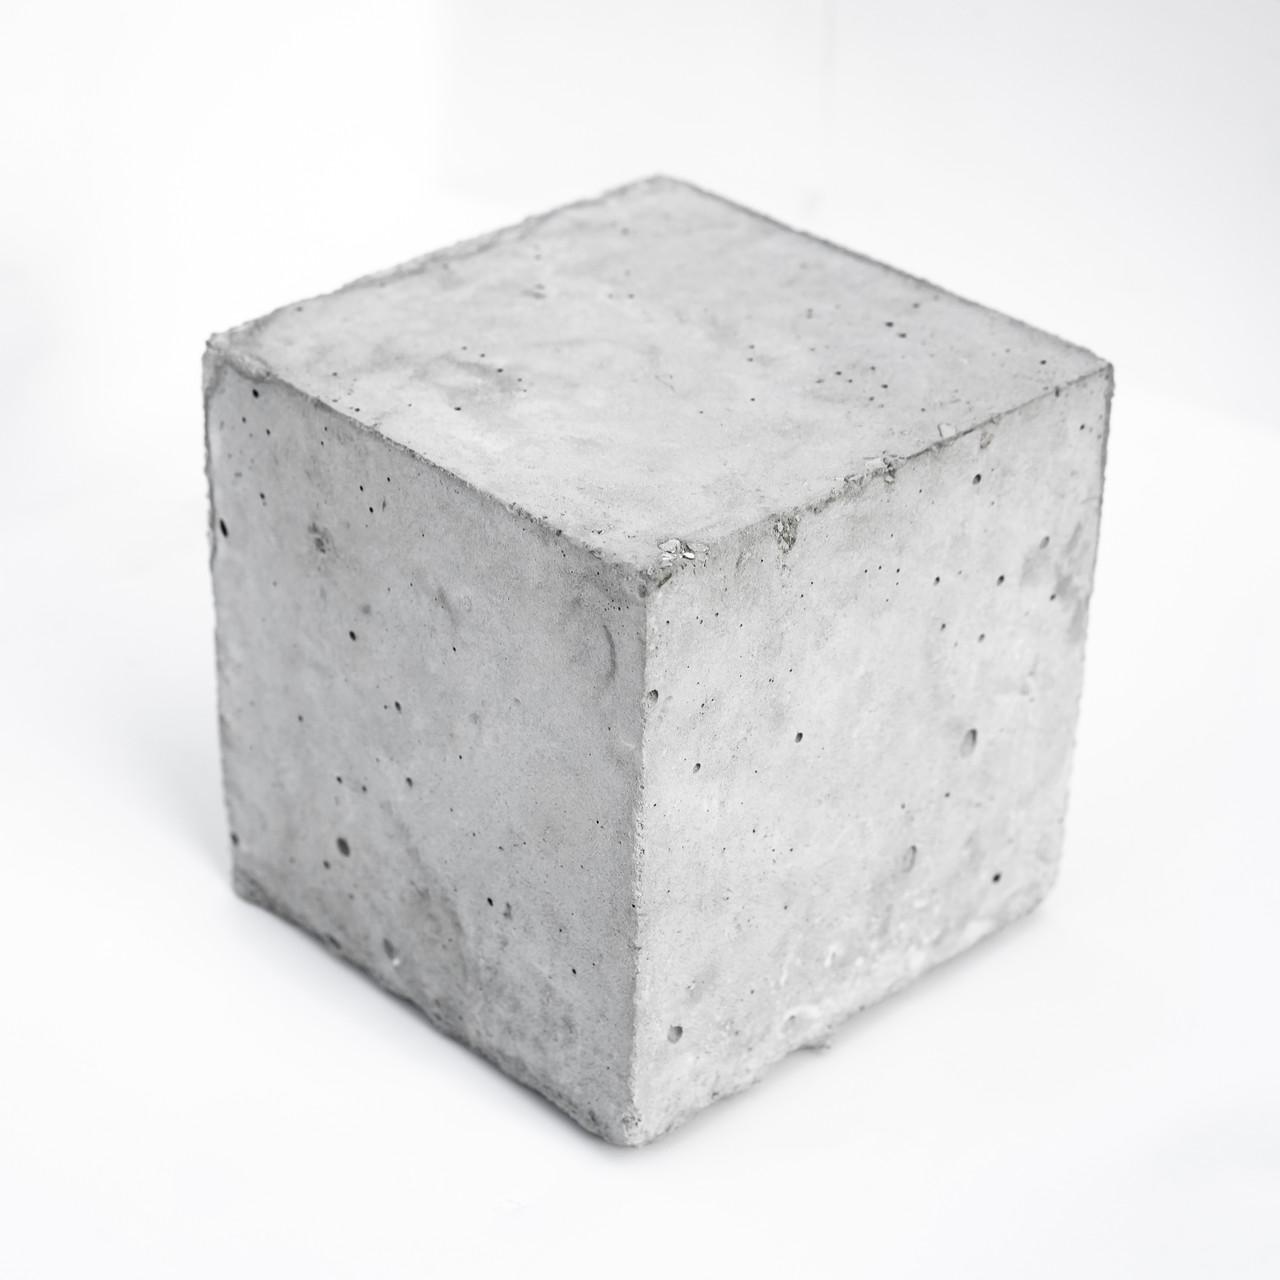 бетон купить в 25